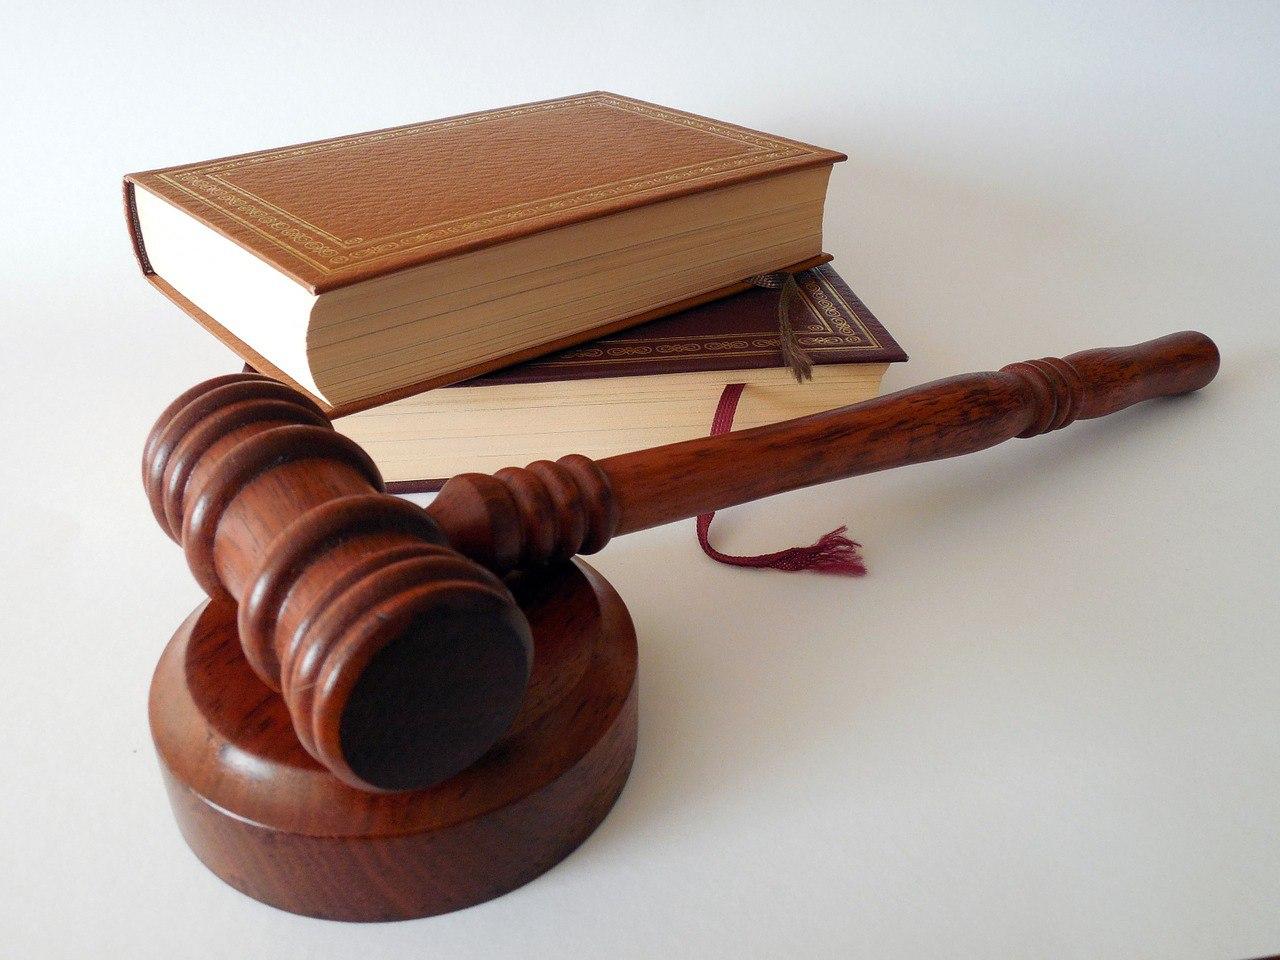 За преступления в сфере госзаказа введена уголовная ответственность